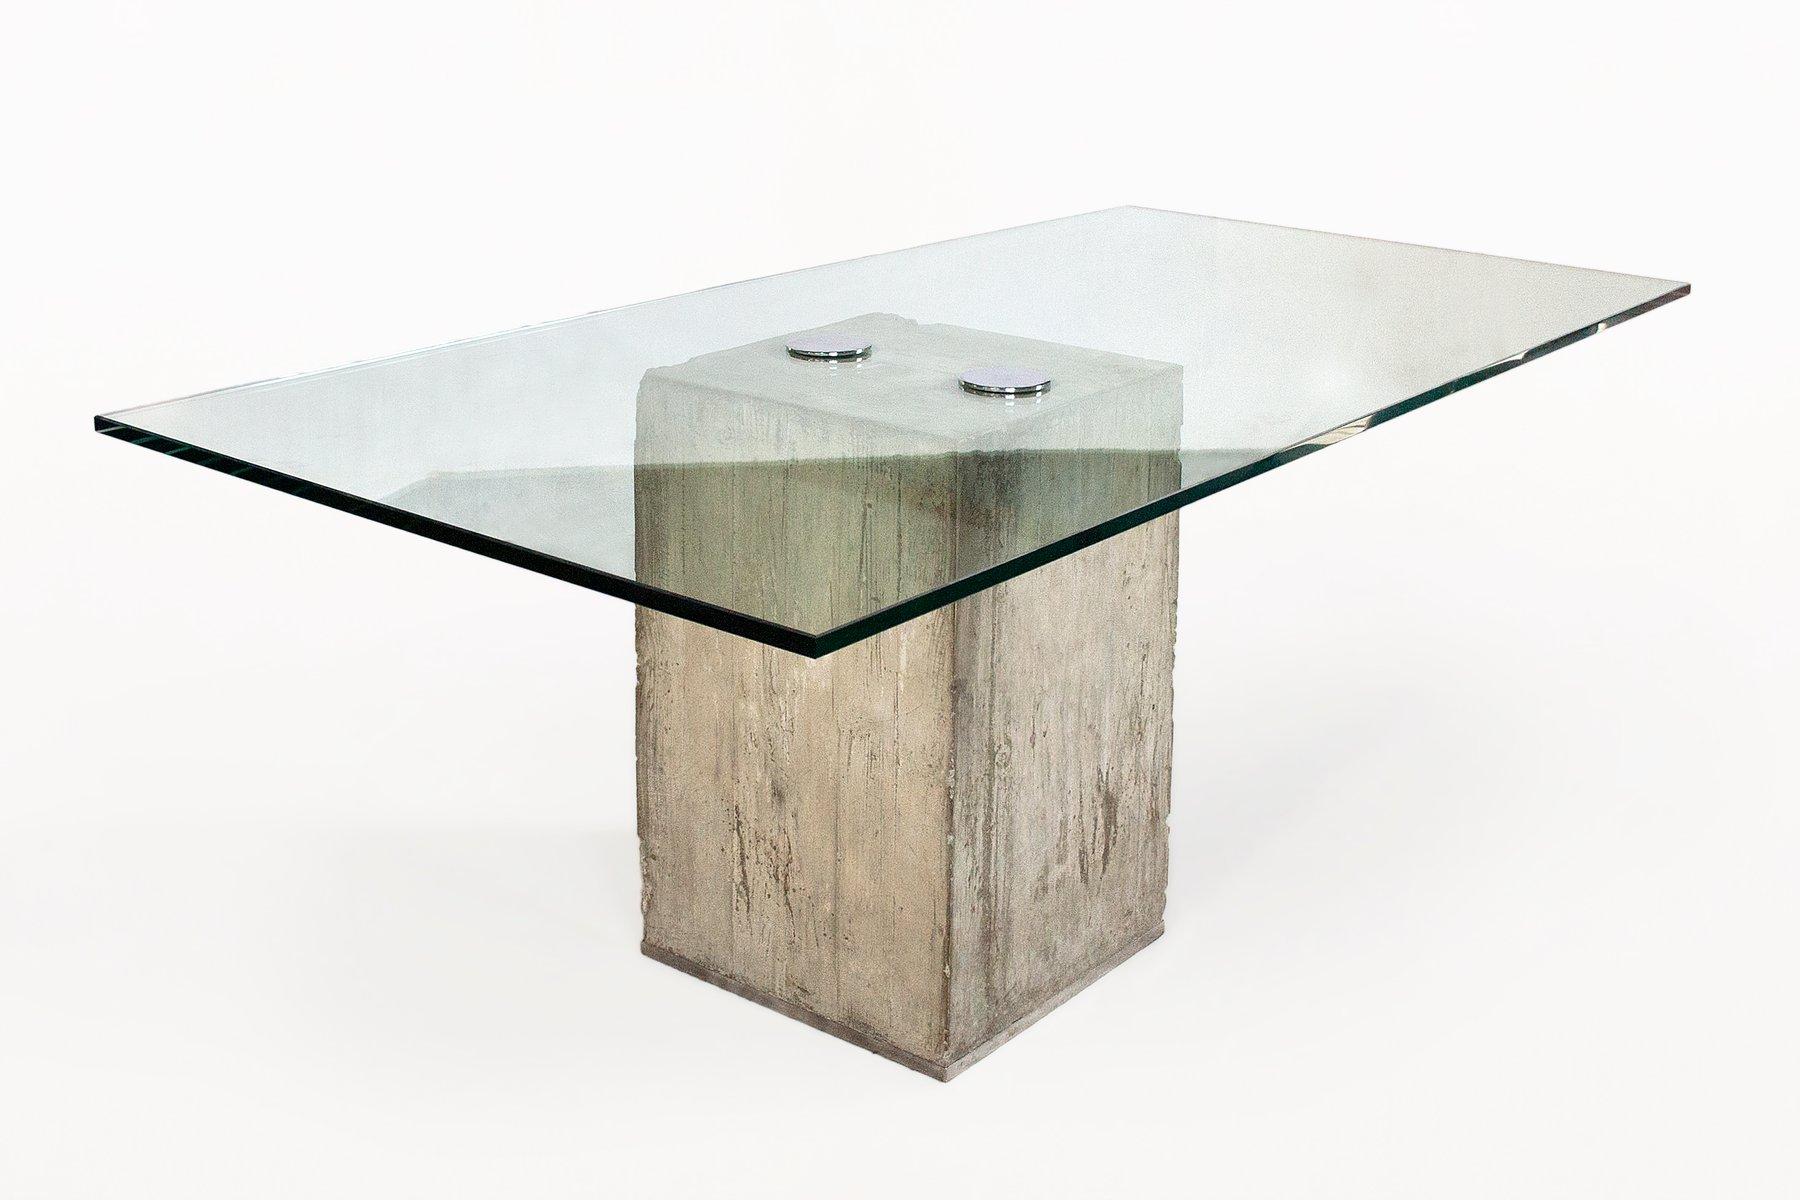 Esstisch aus glas beton von sergio giorgio sporiti for Esstisch aus glas